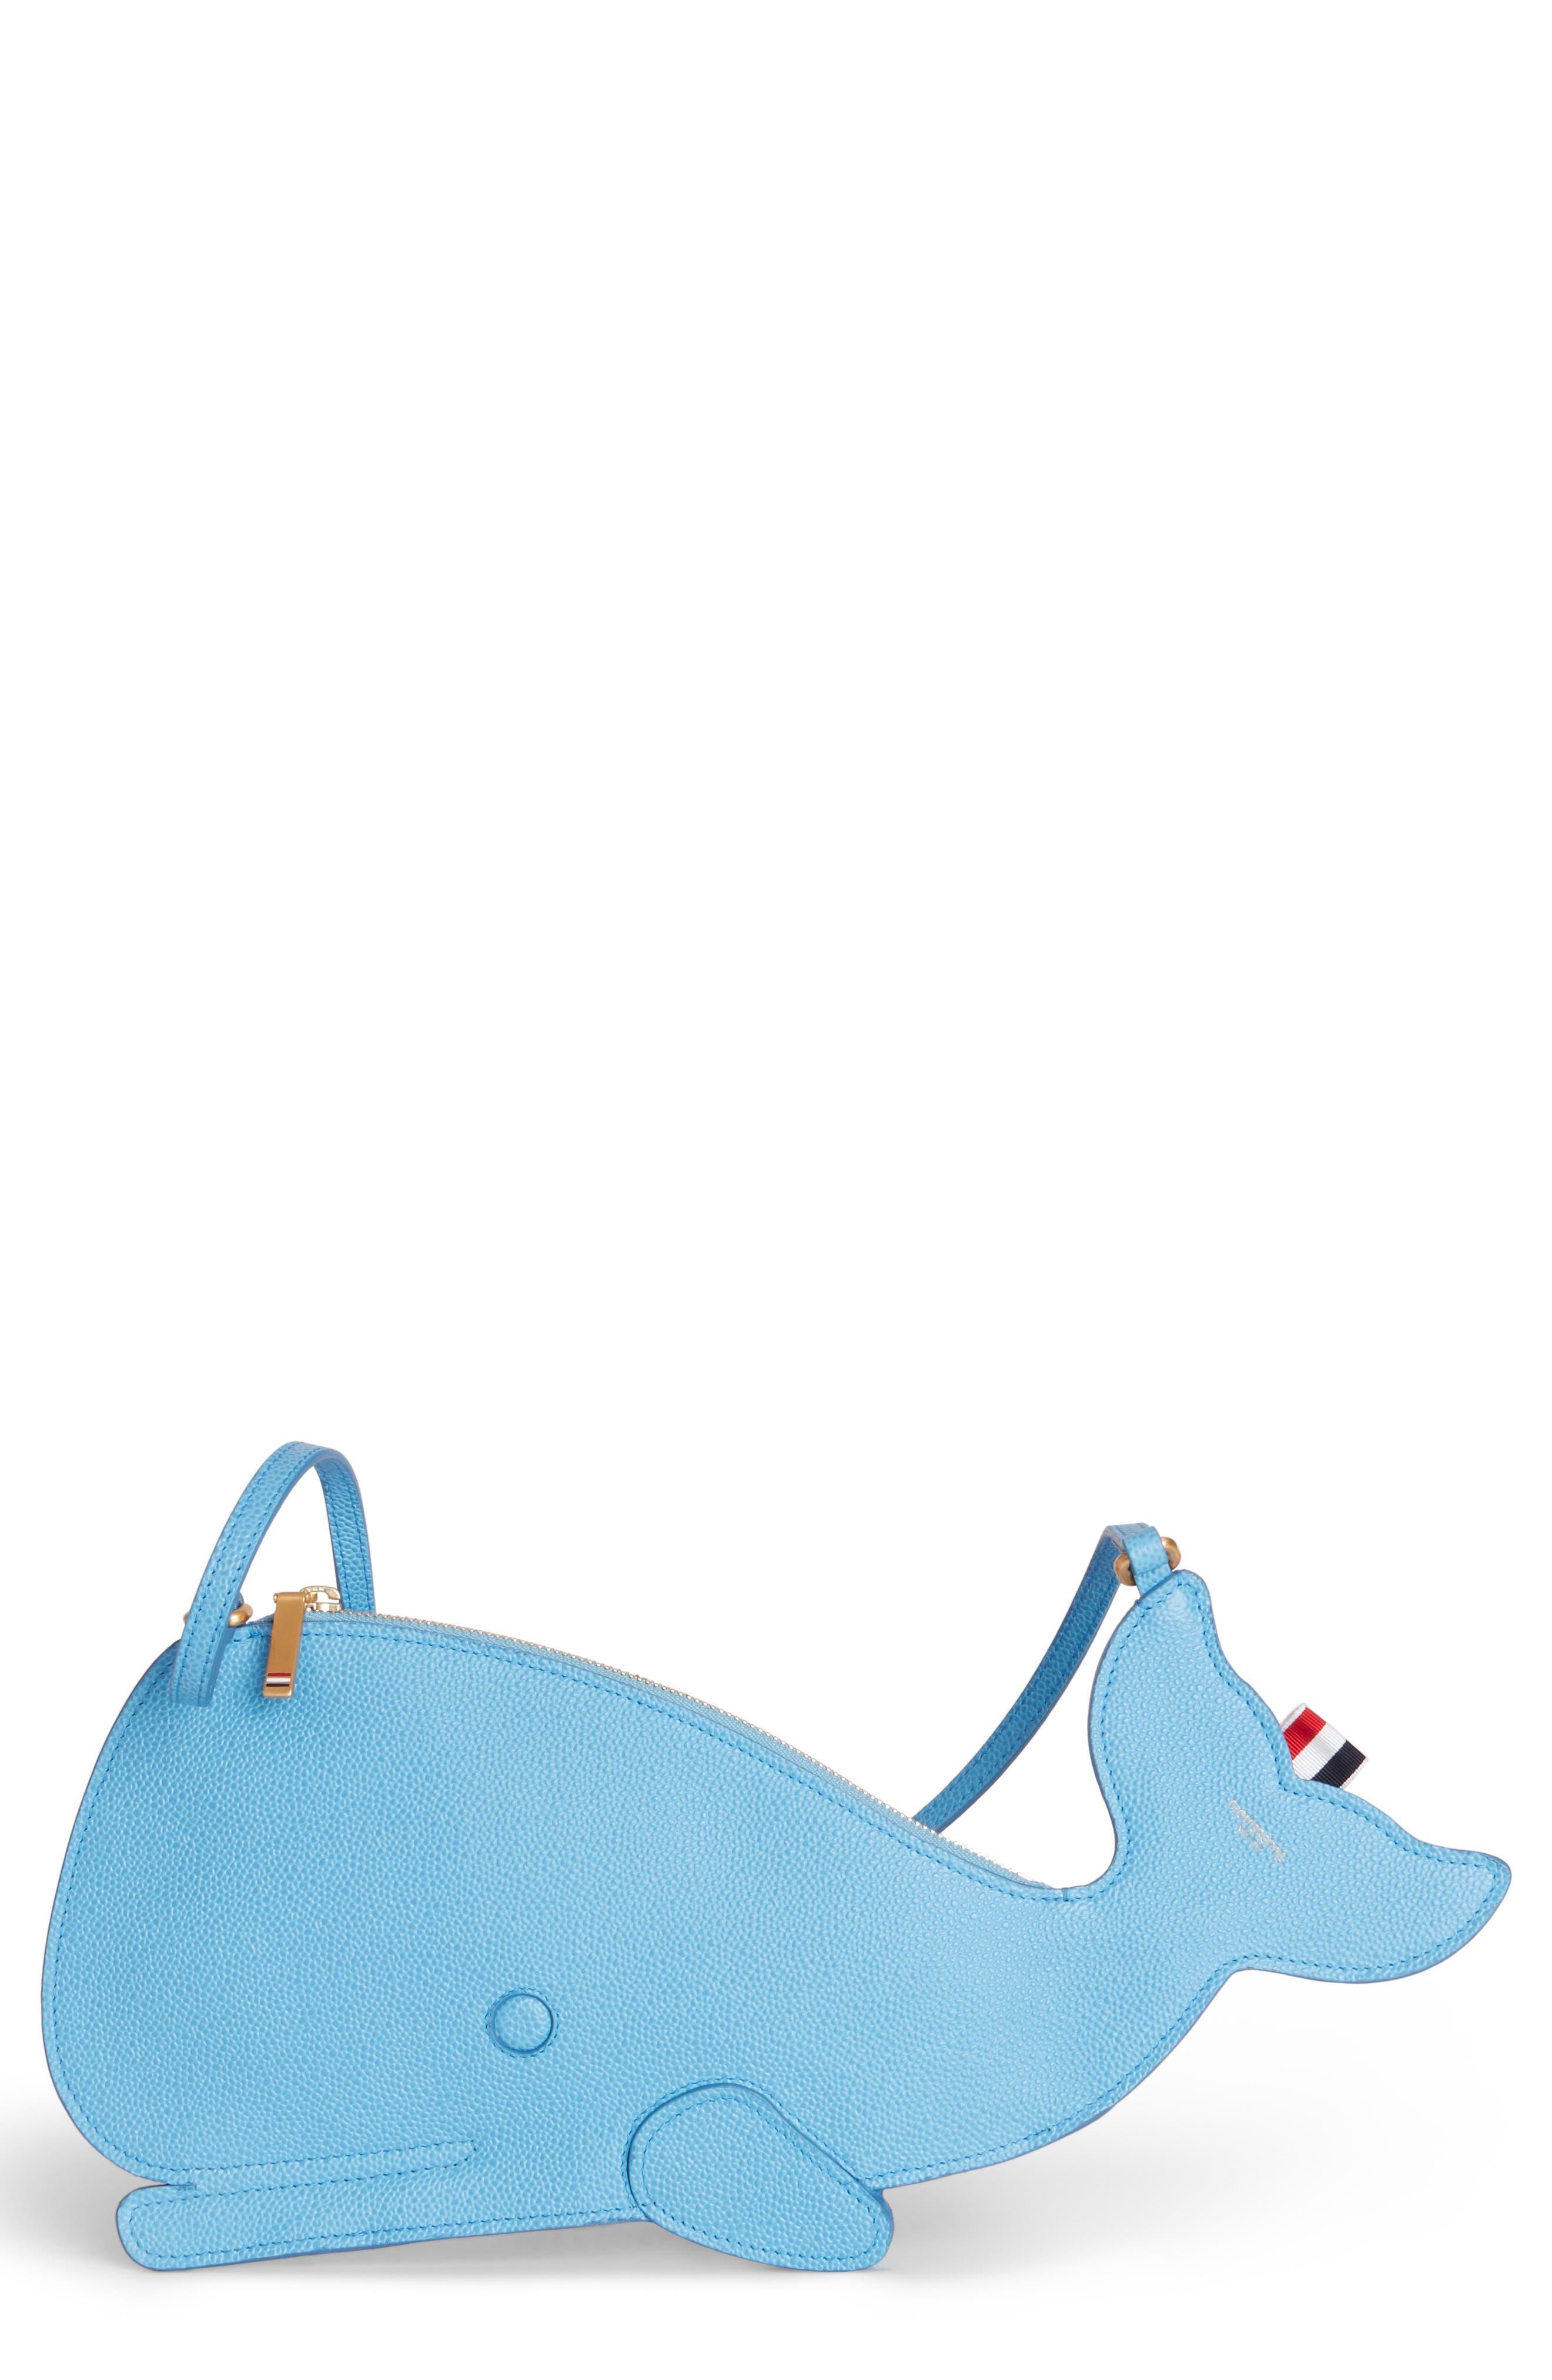 Whale Flat Icon Leather Shoulder Bag,                             Main thumbnail 1, color,                             PALE BLUE